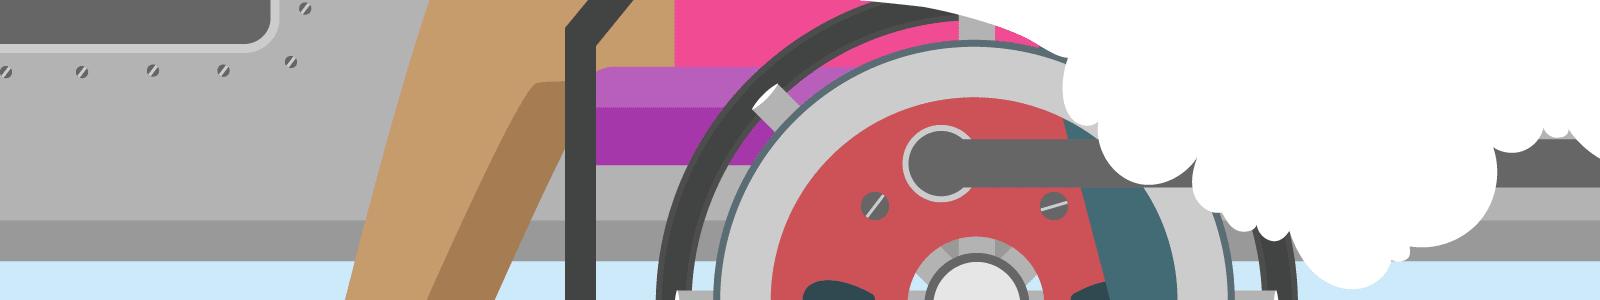 Wheelcair on a train